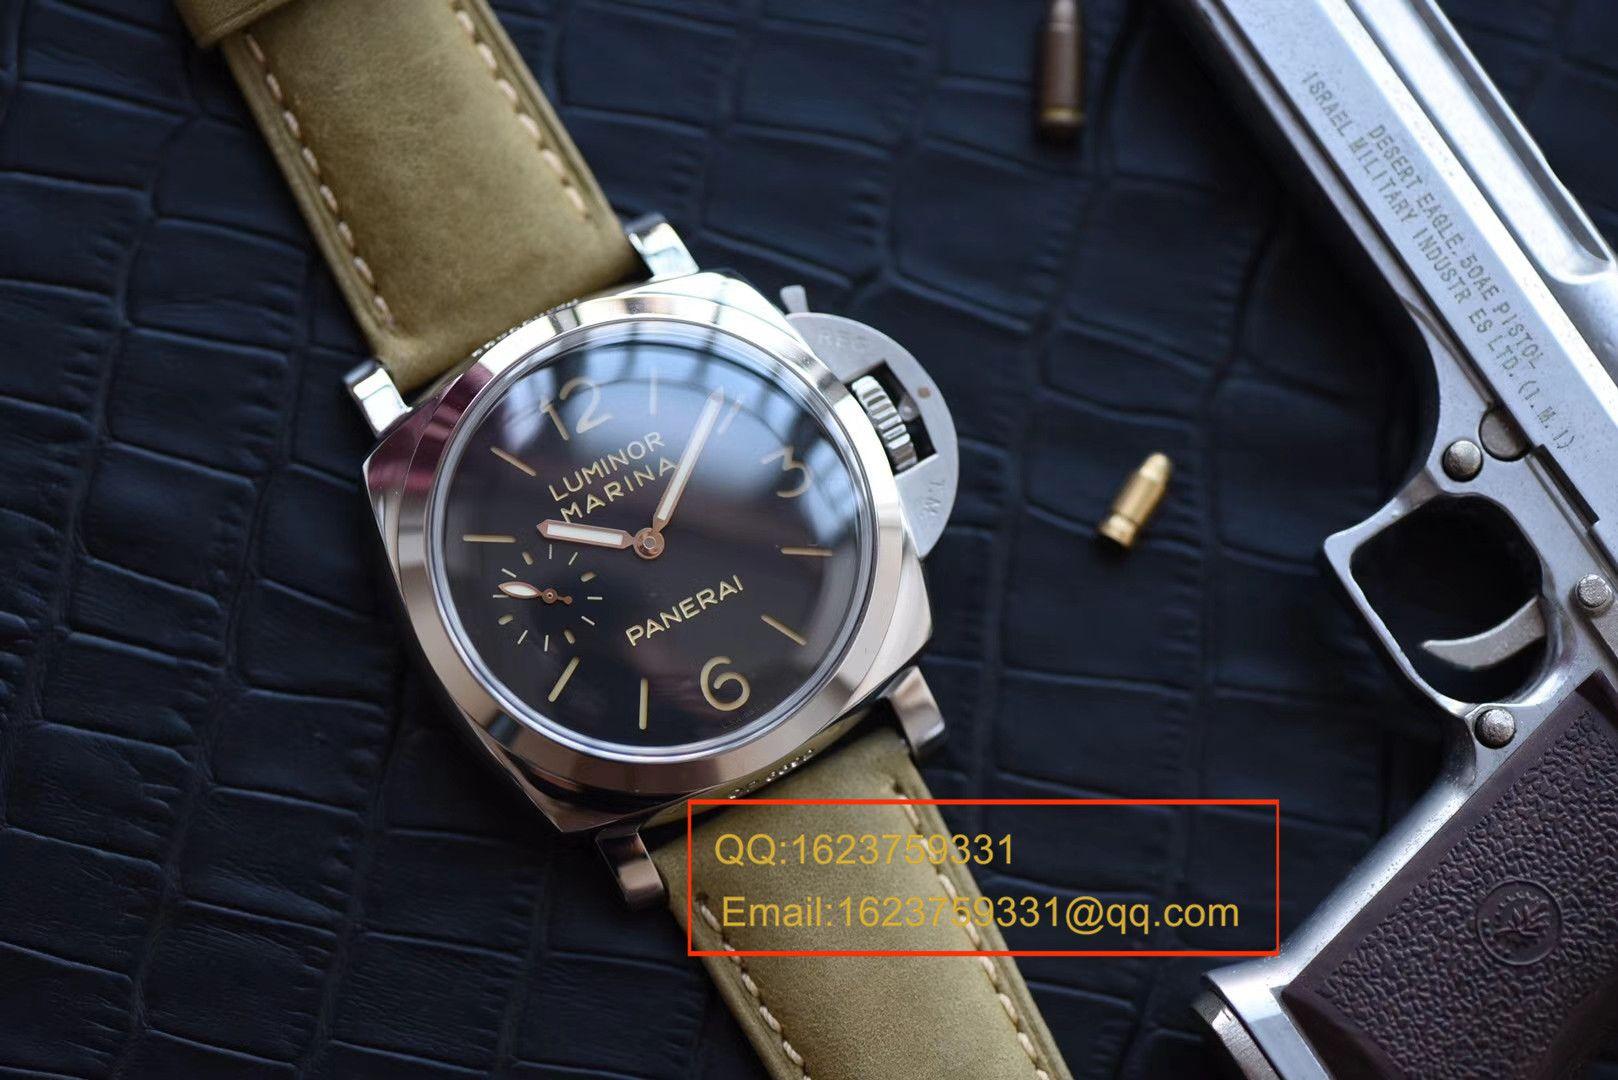 【视频评测SF一比一超A高仿手表】沛纳海LUMINOR 1950系列PAM00422腕表 / PAMBB00422